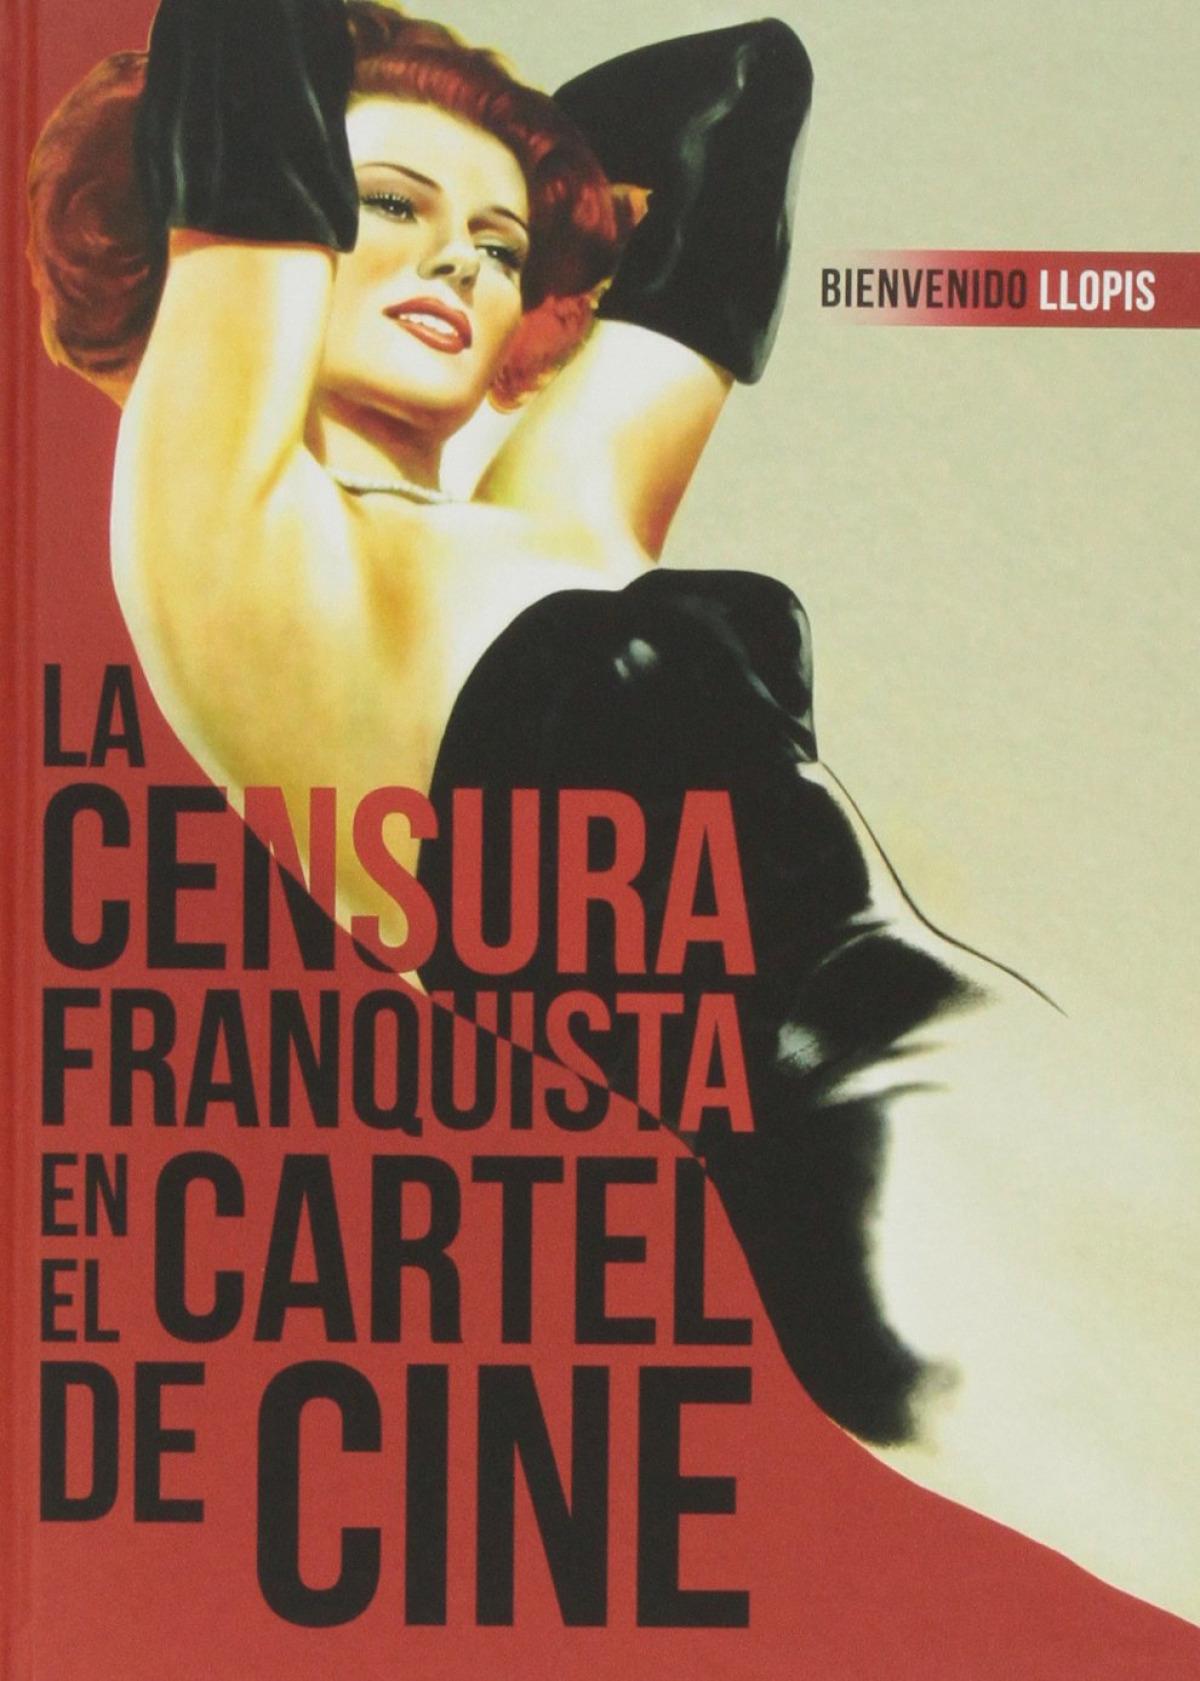 La censura franquista en cartel de cine